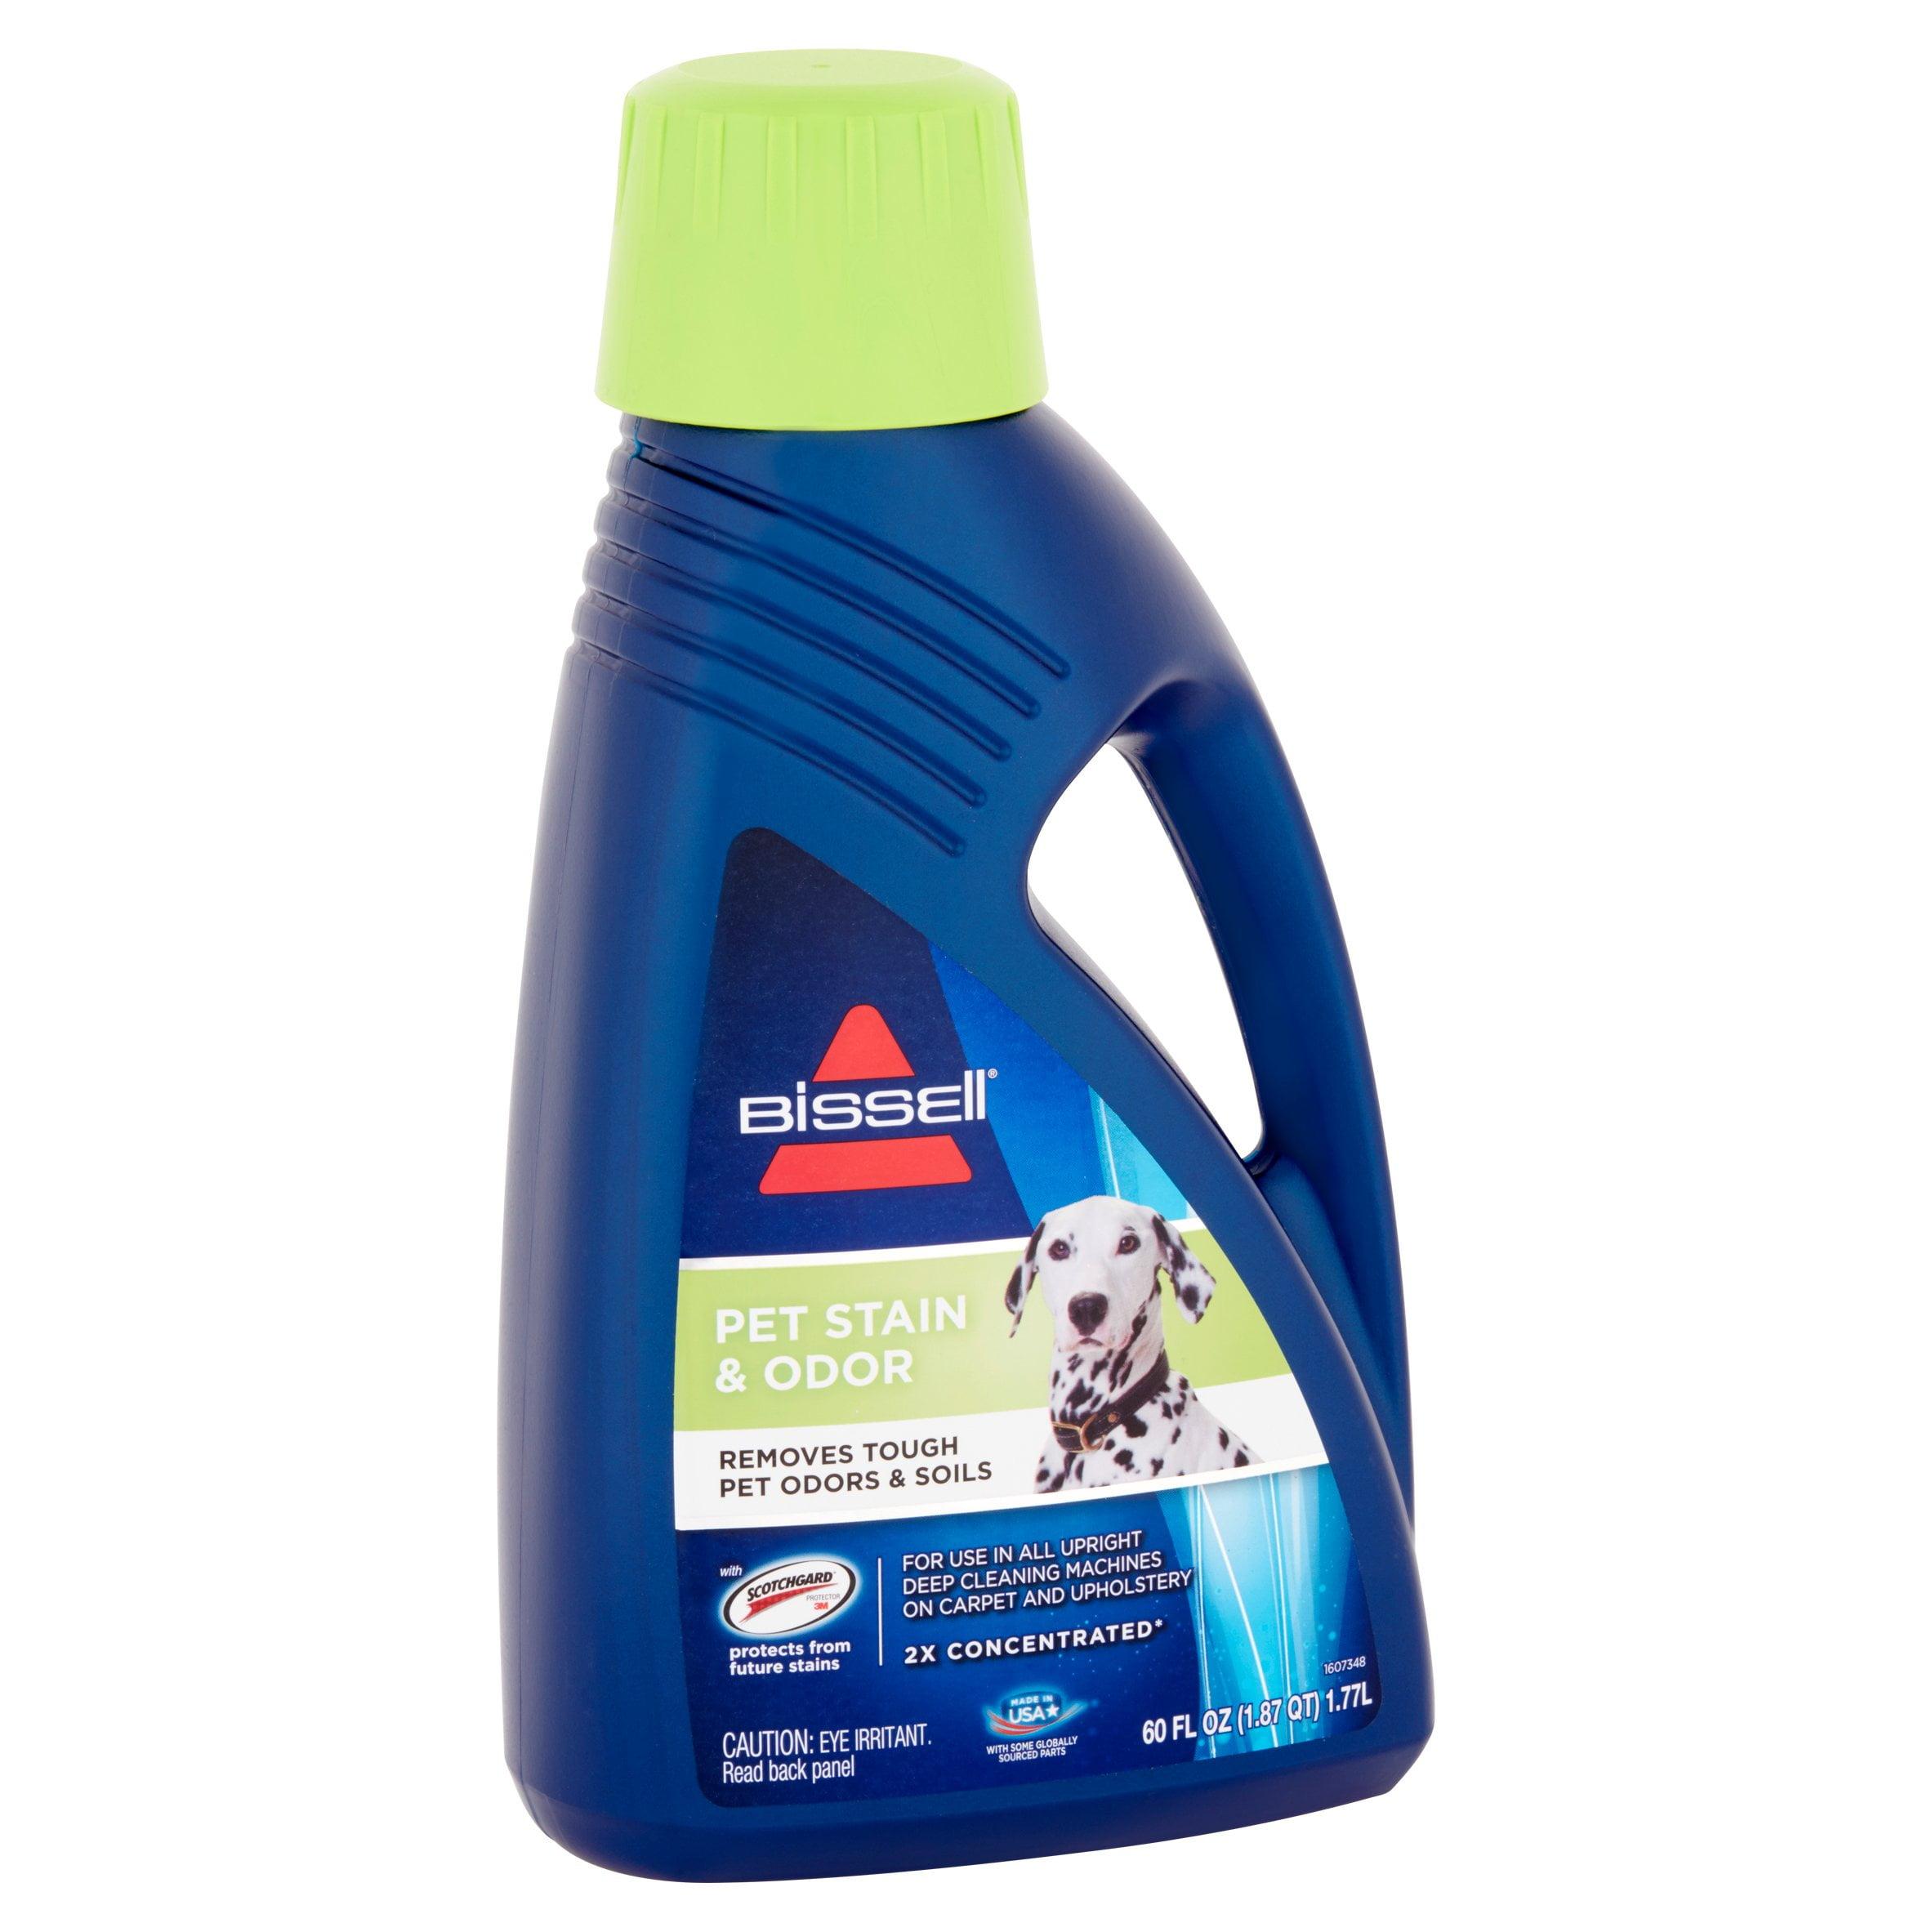 Bissell Pet Stain U0026 Odor Detergent, ...